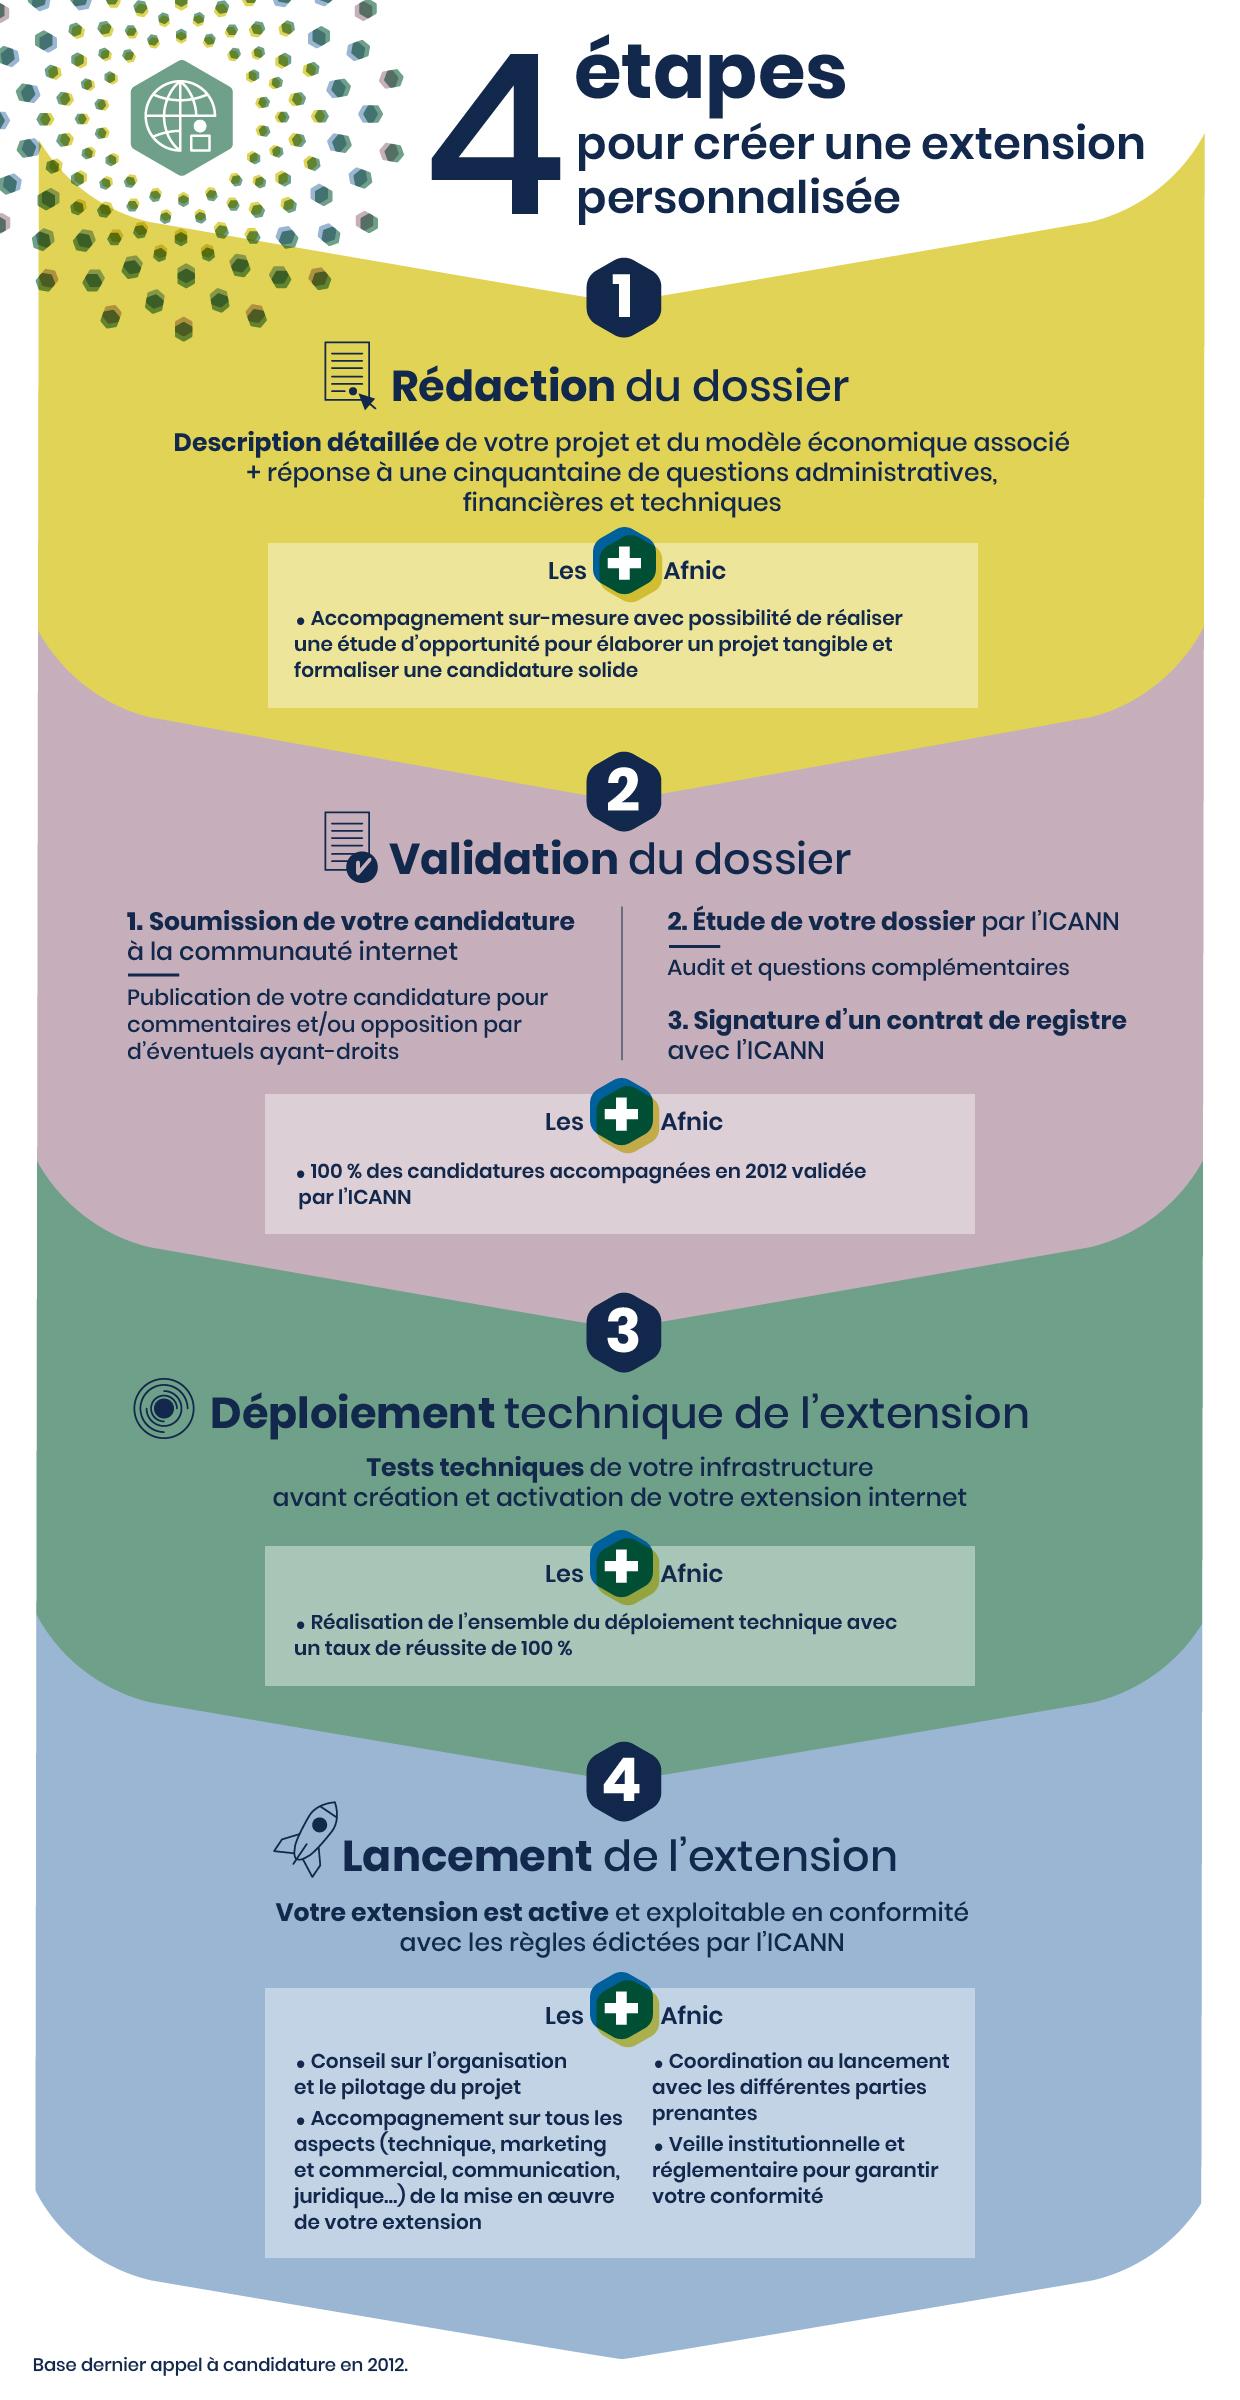 4 étapes pour créer une extension personnalisée